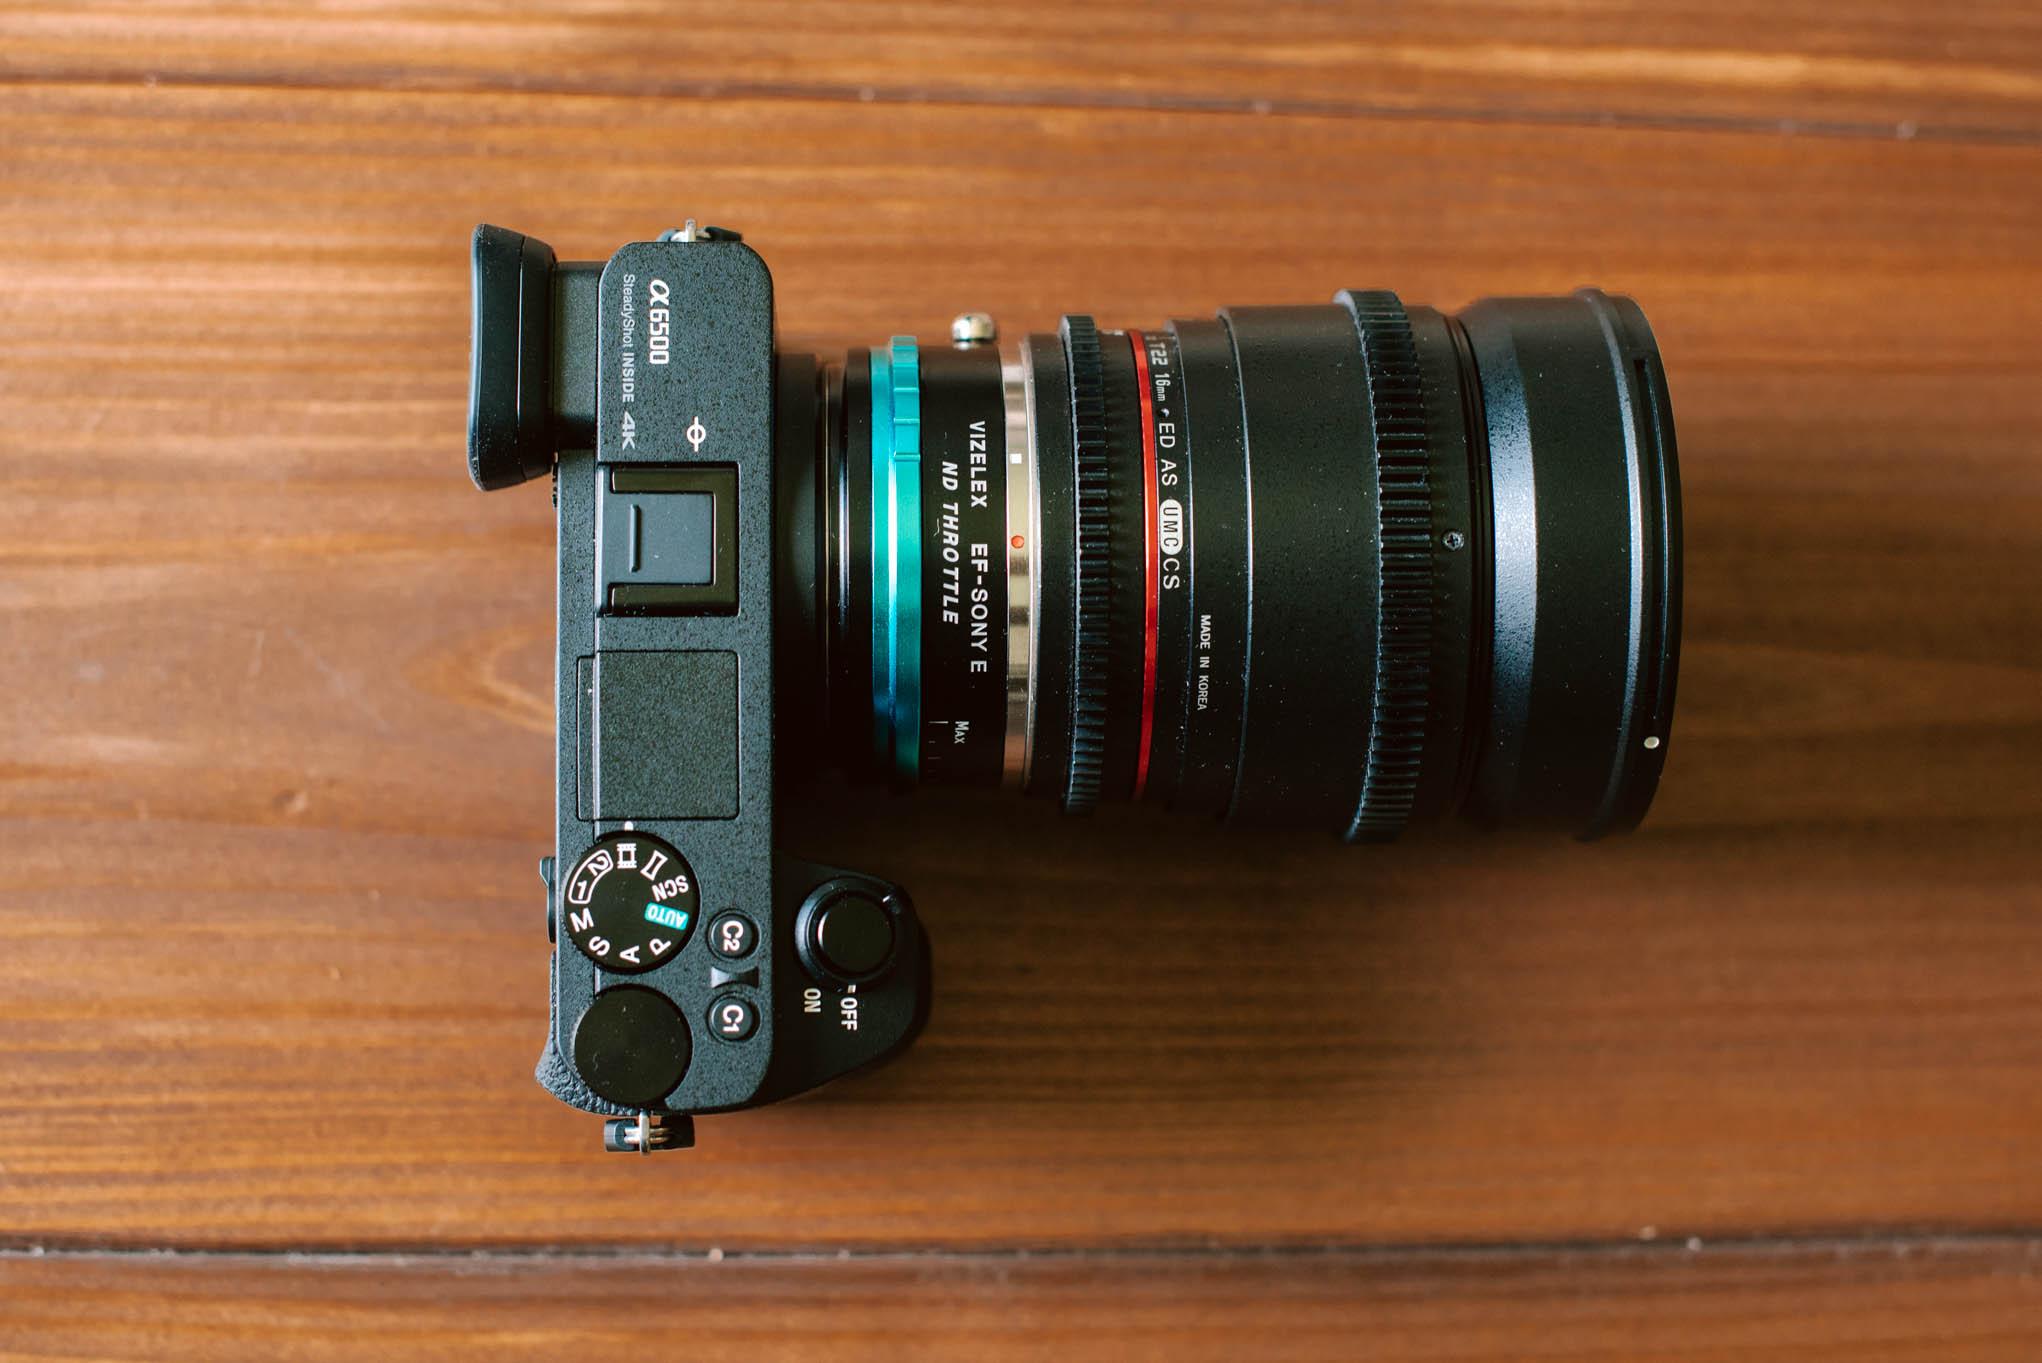 Sony a6500 - Product Photos-2.jpg